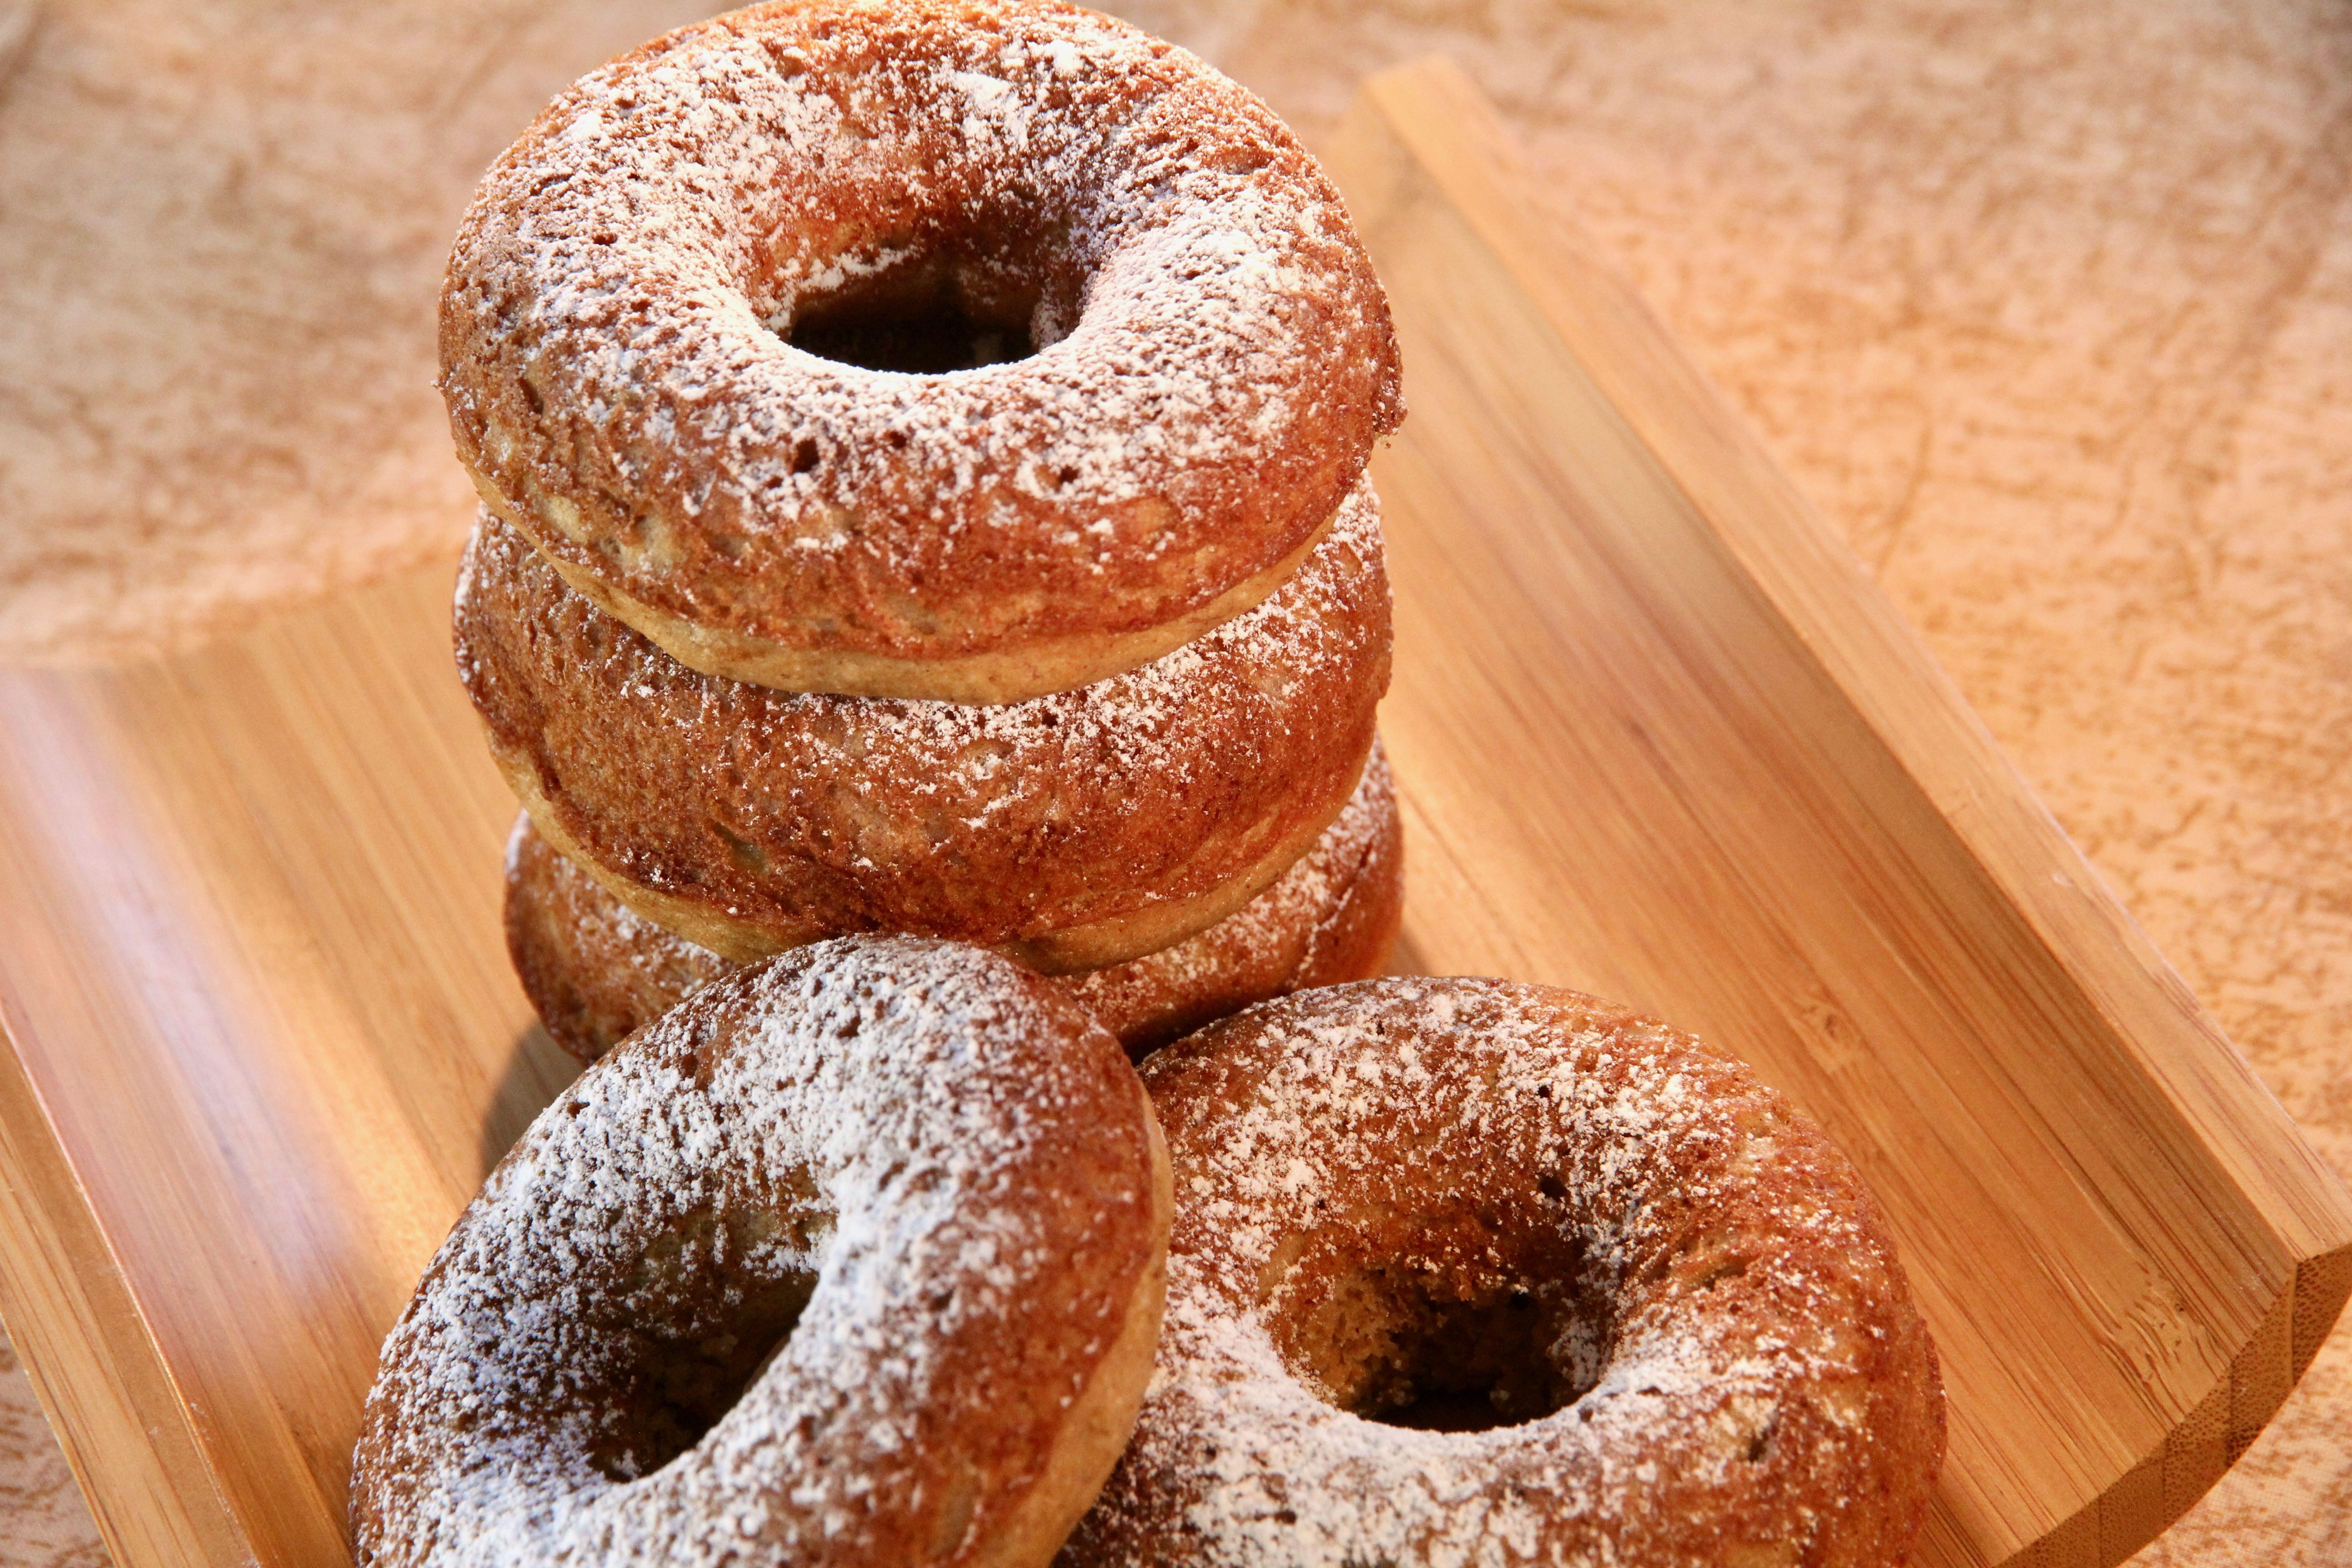 Baked Banana Doughnuts image